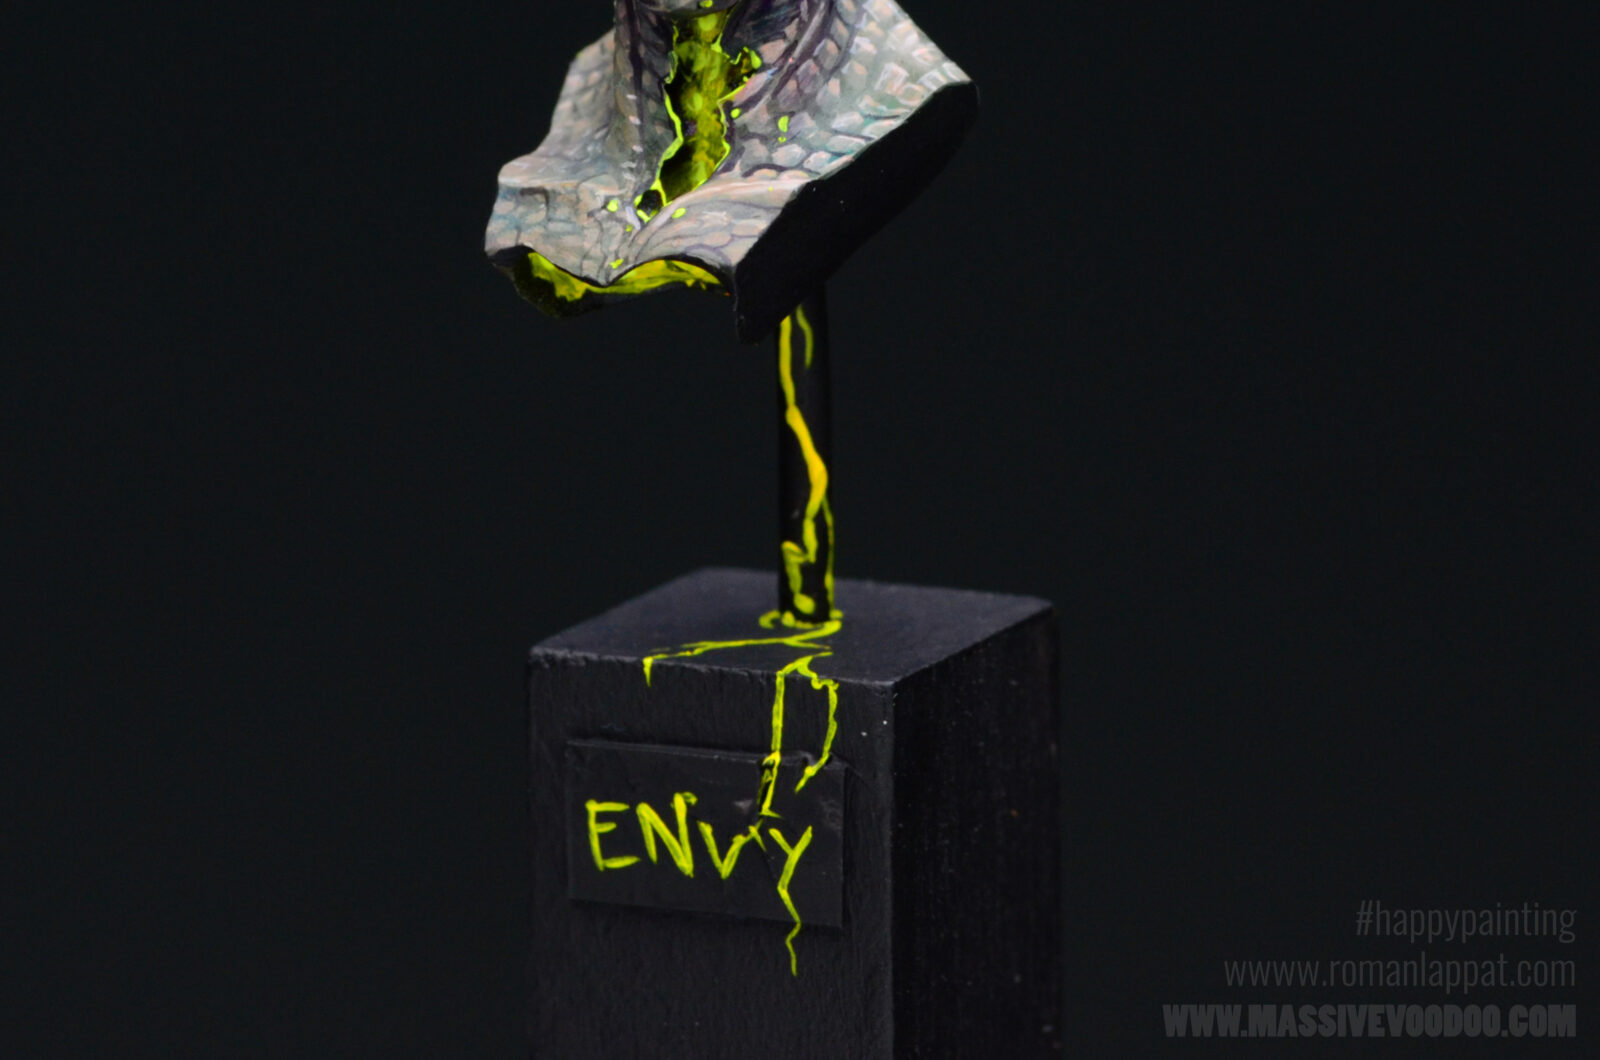 Envy01